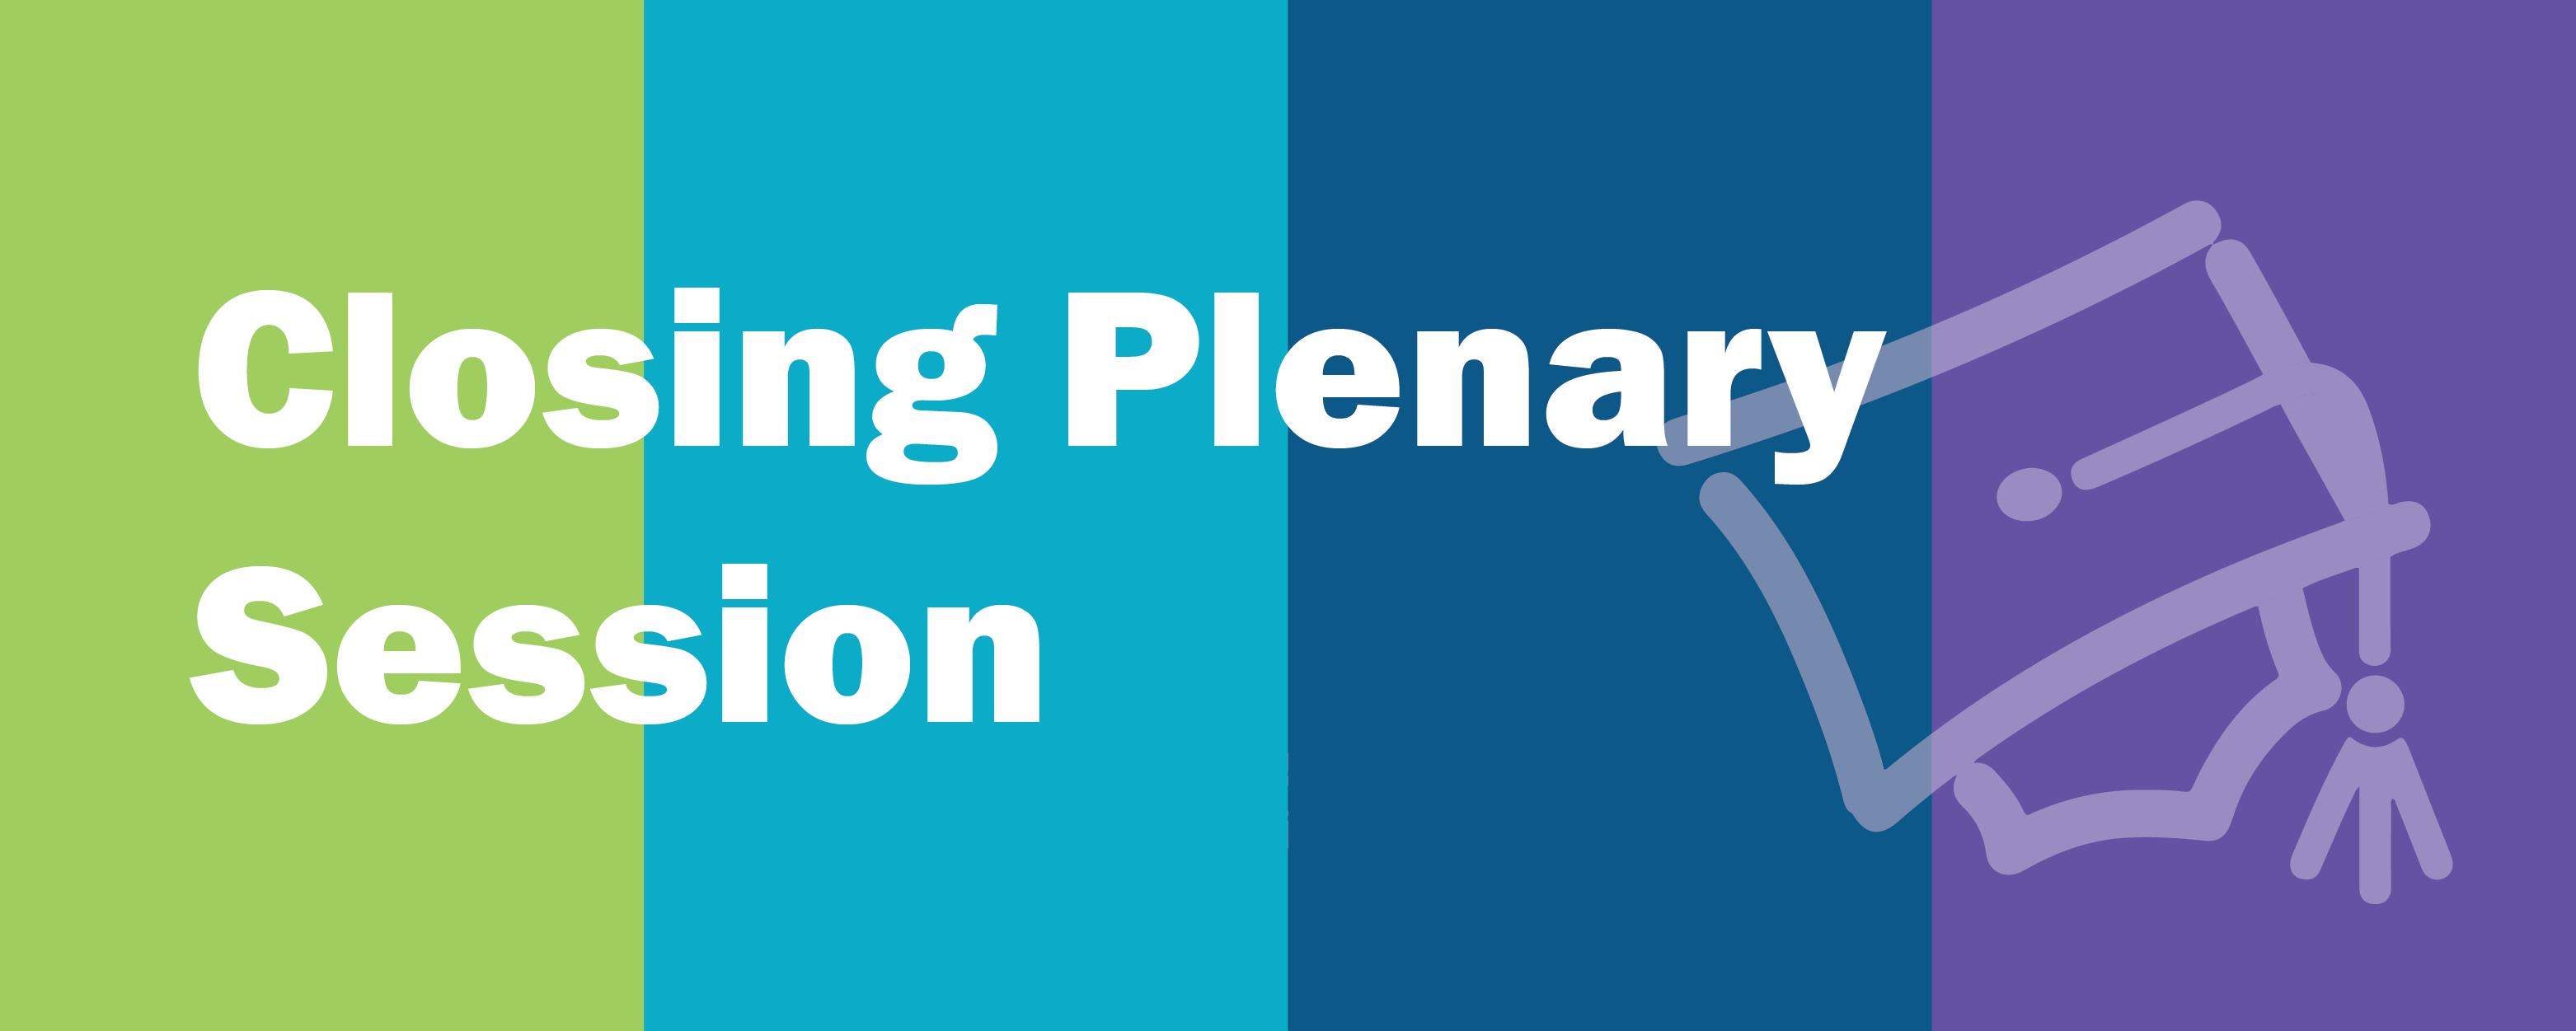 ClosingPlenary